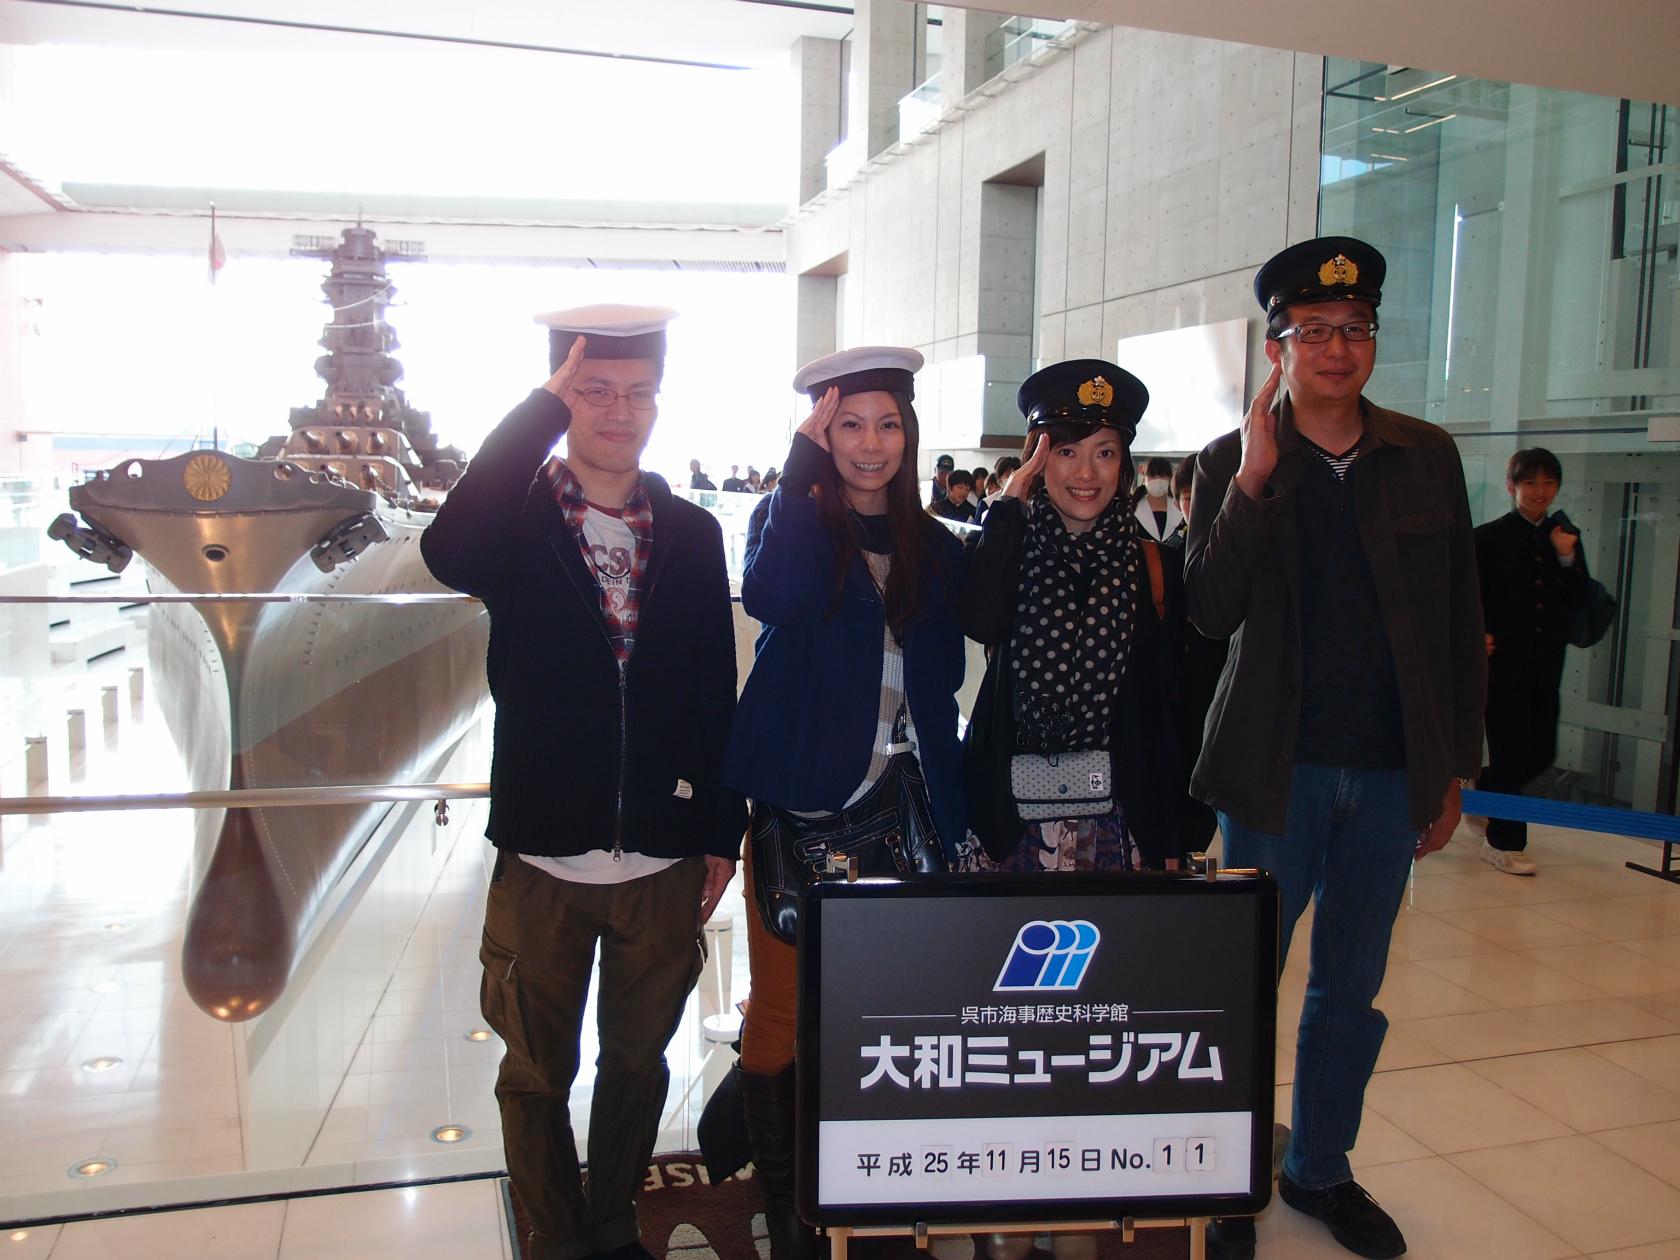 広島旅行にてみんなで敬礼